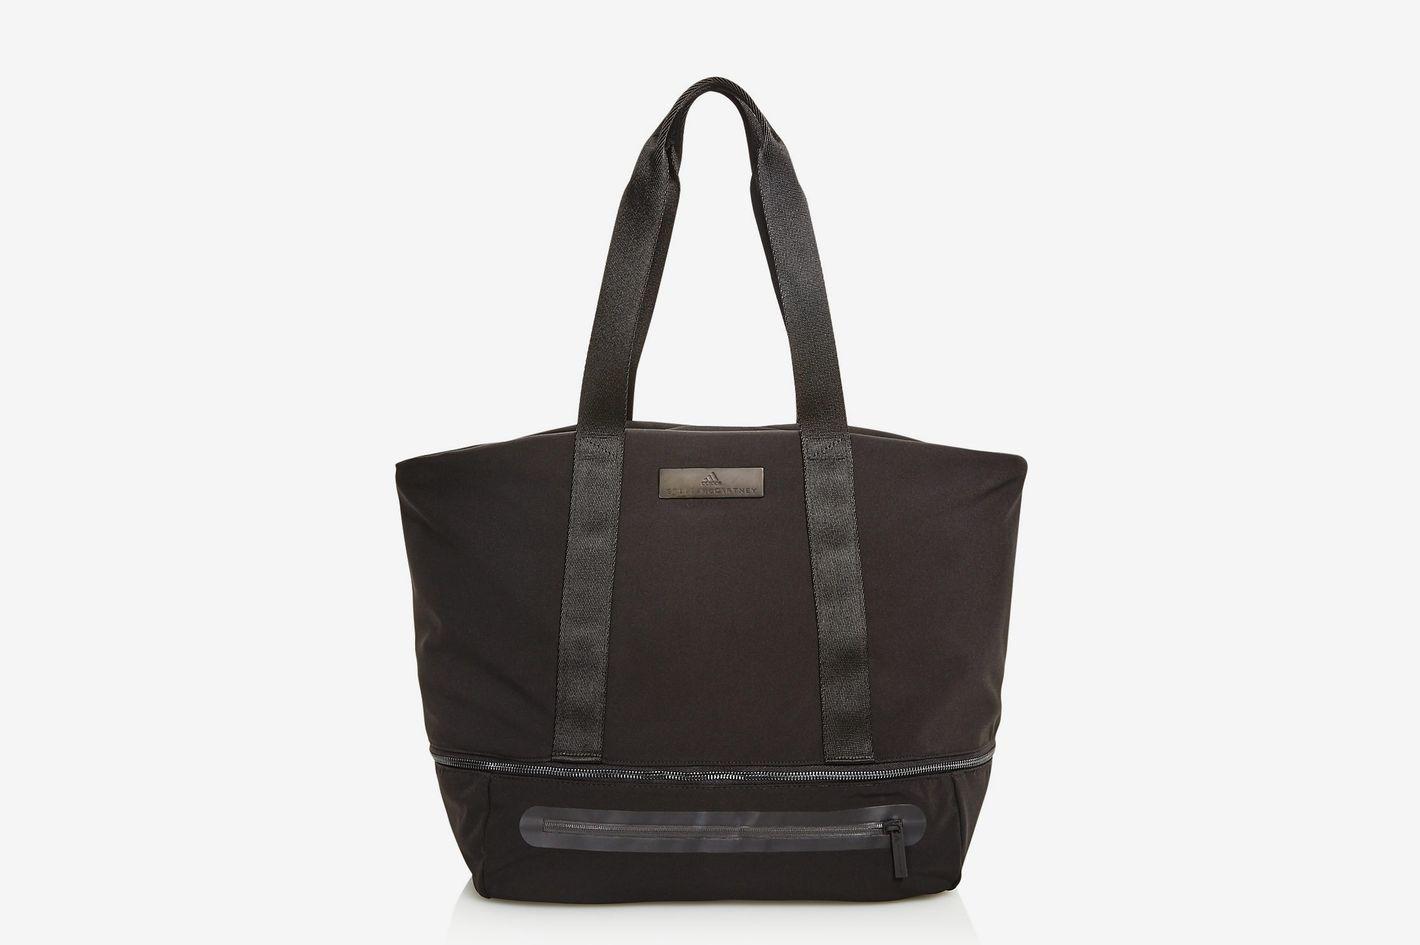 5d2ff9e8f2 Adidas by Stella McCartney Iconic Gym Bag